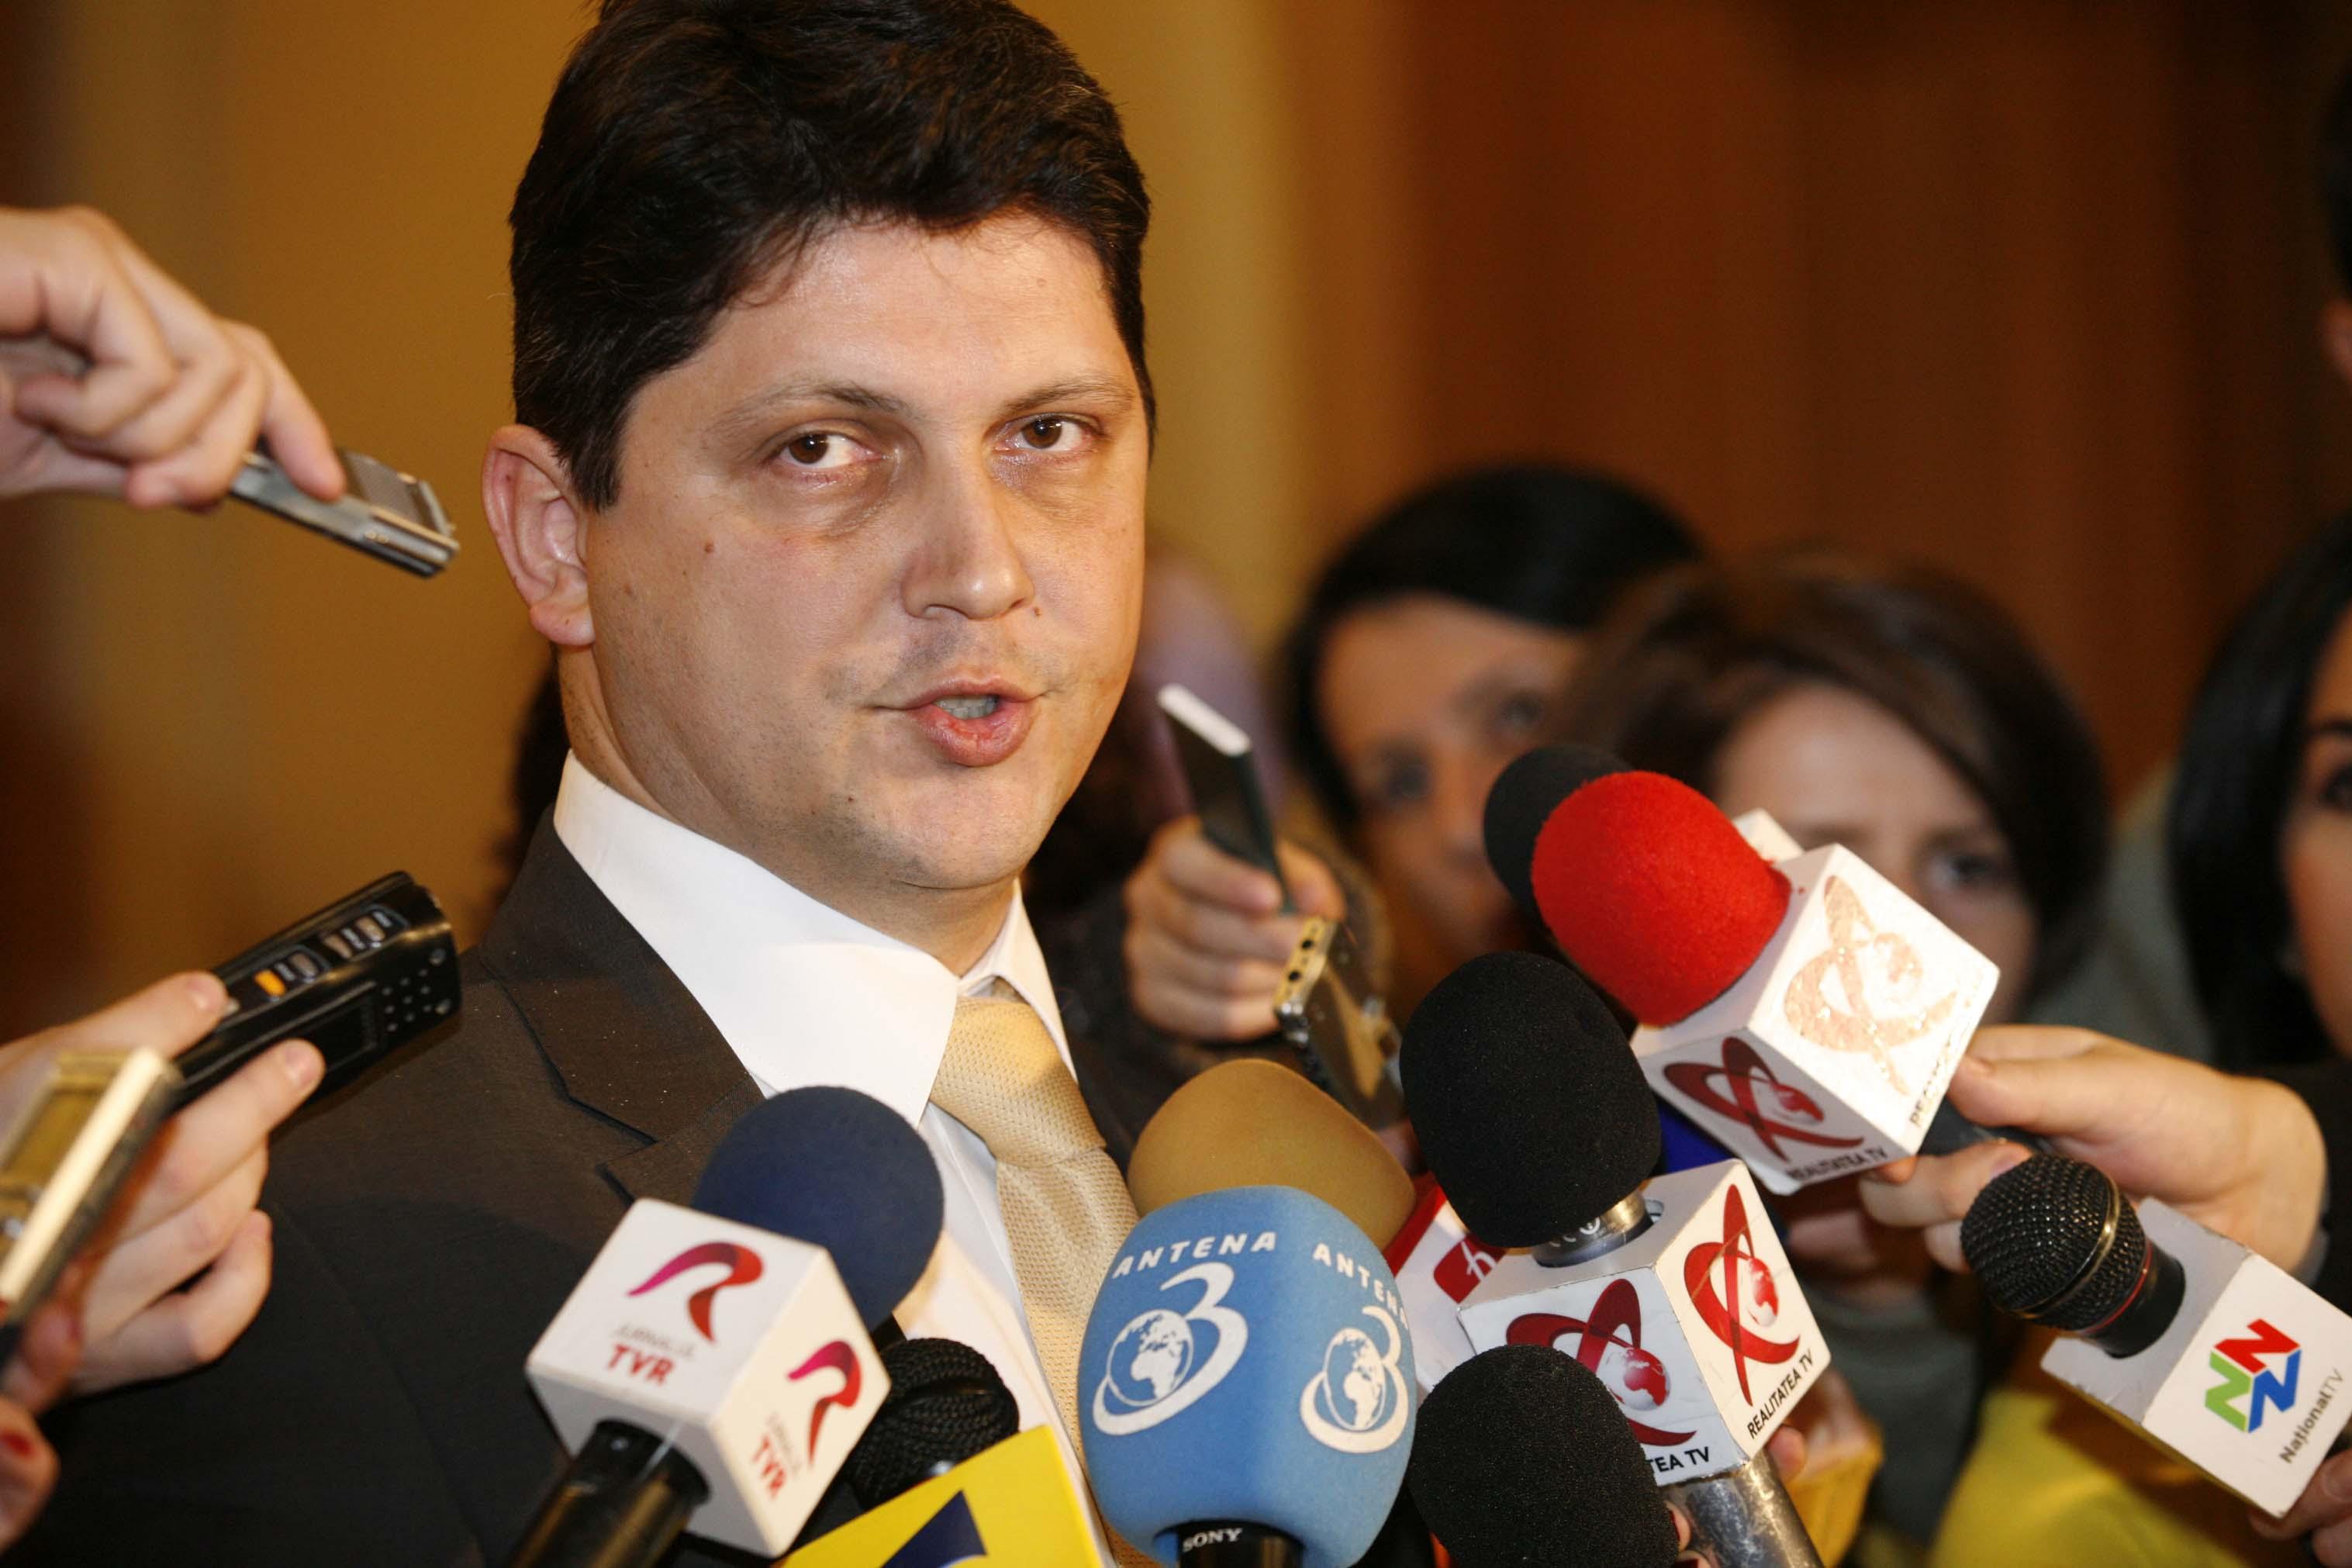 Corlăţean: I-am propus premierului patru variante pentru portofoliul României în viitoarea Comisie Europeană